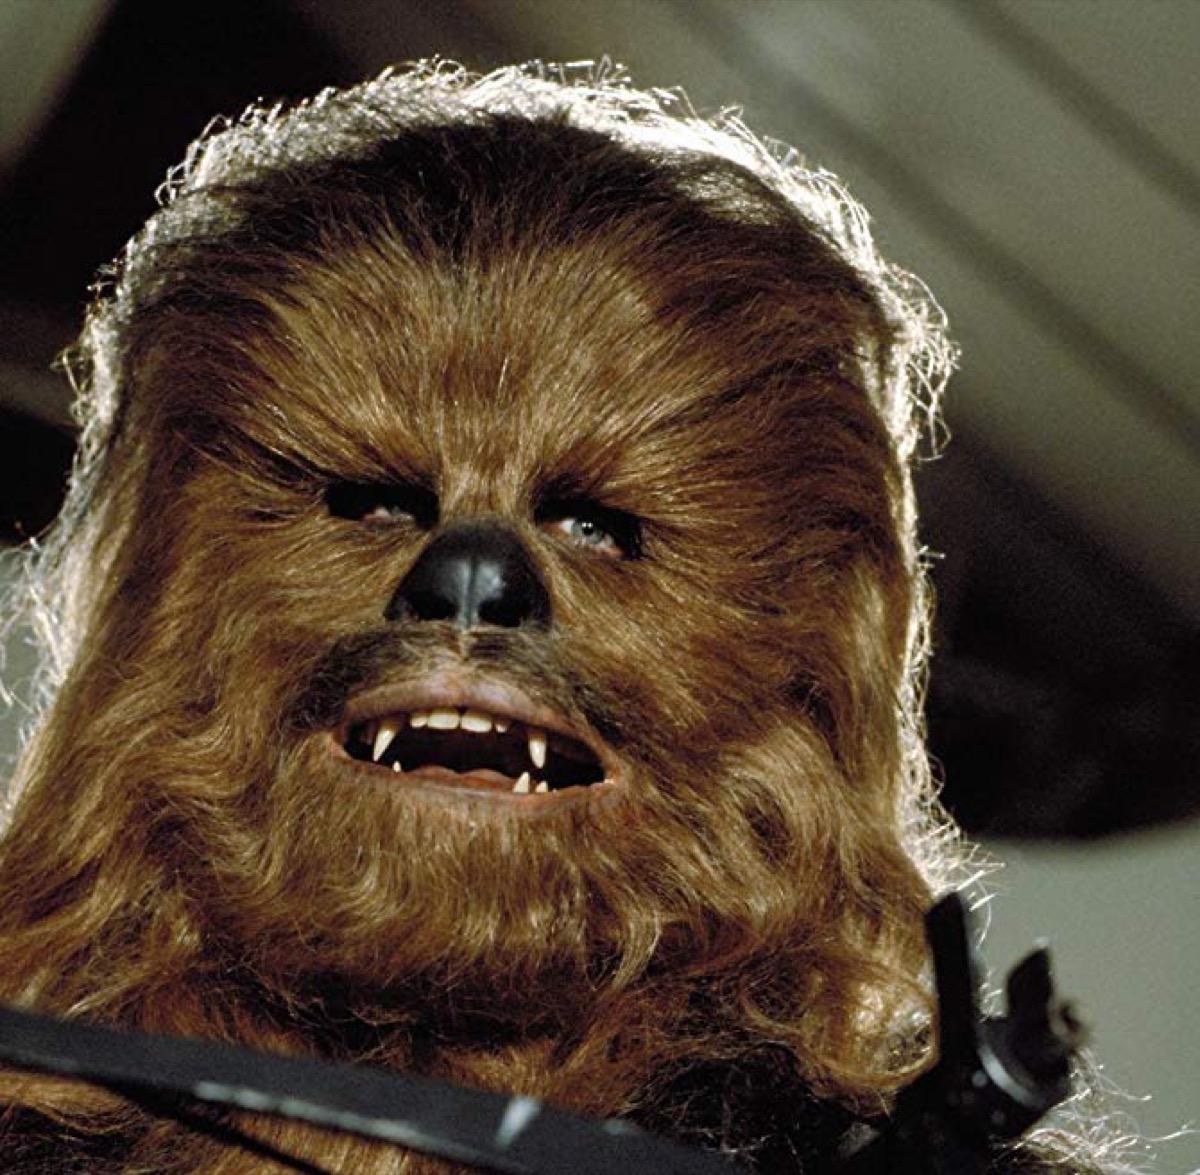 Chewbacca in Return of the Jedi